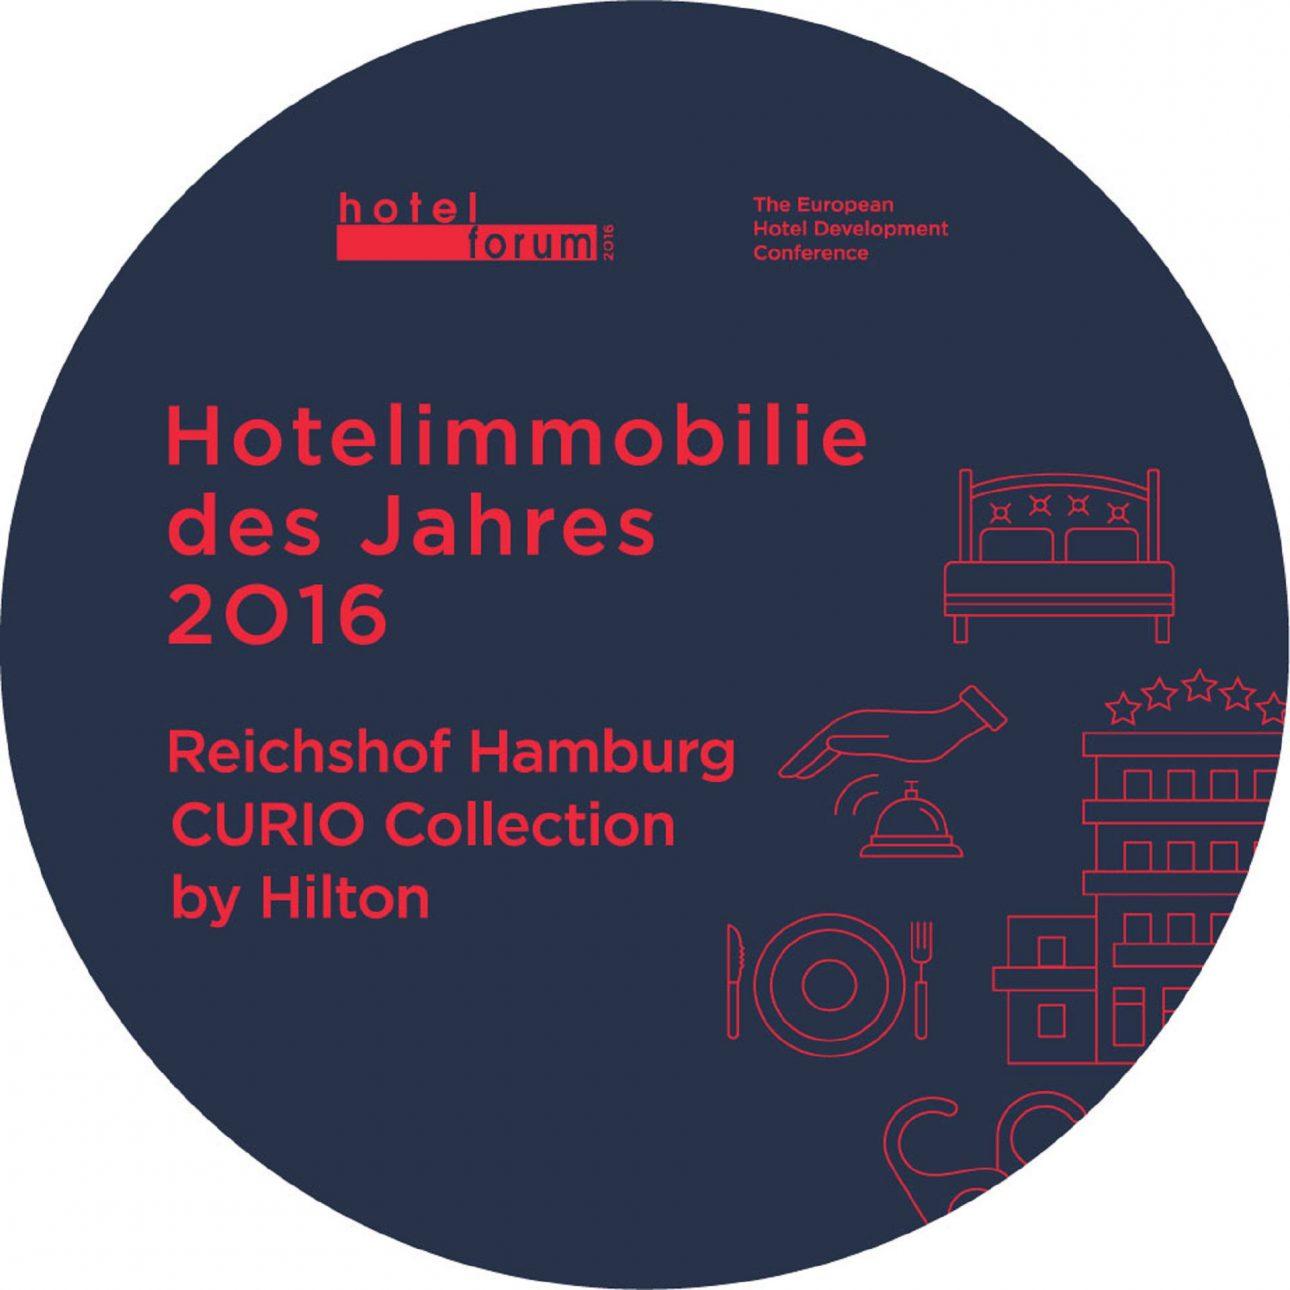 Logo Award Hotelimmobilie des Jahres 2016 Reichshof Hamburg